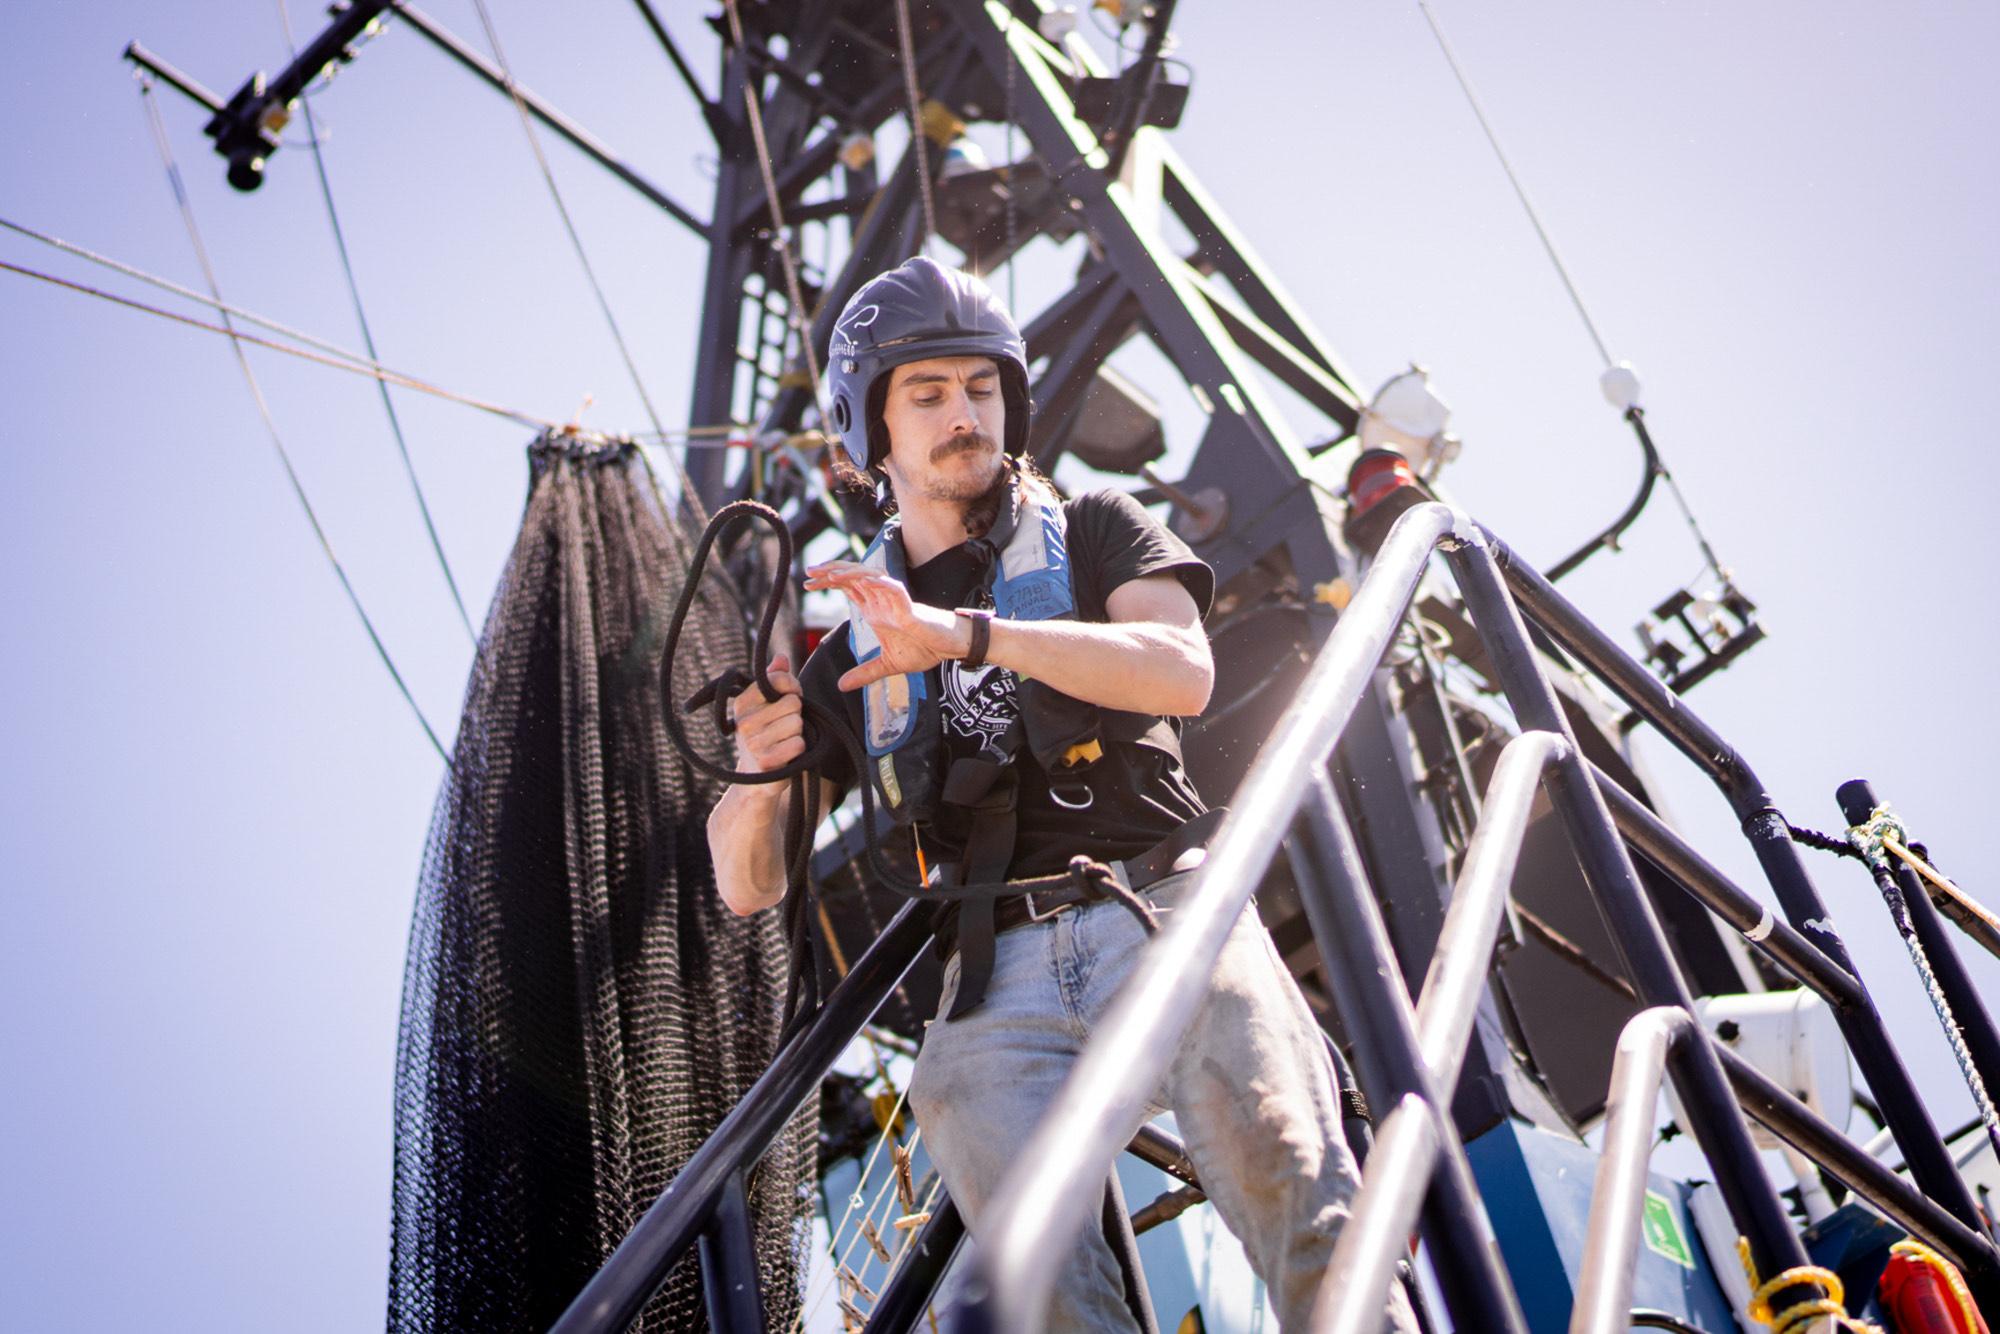 sea-shepherd-deckhand-rope SEA SHEPHERD